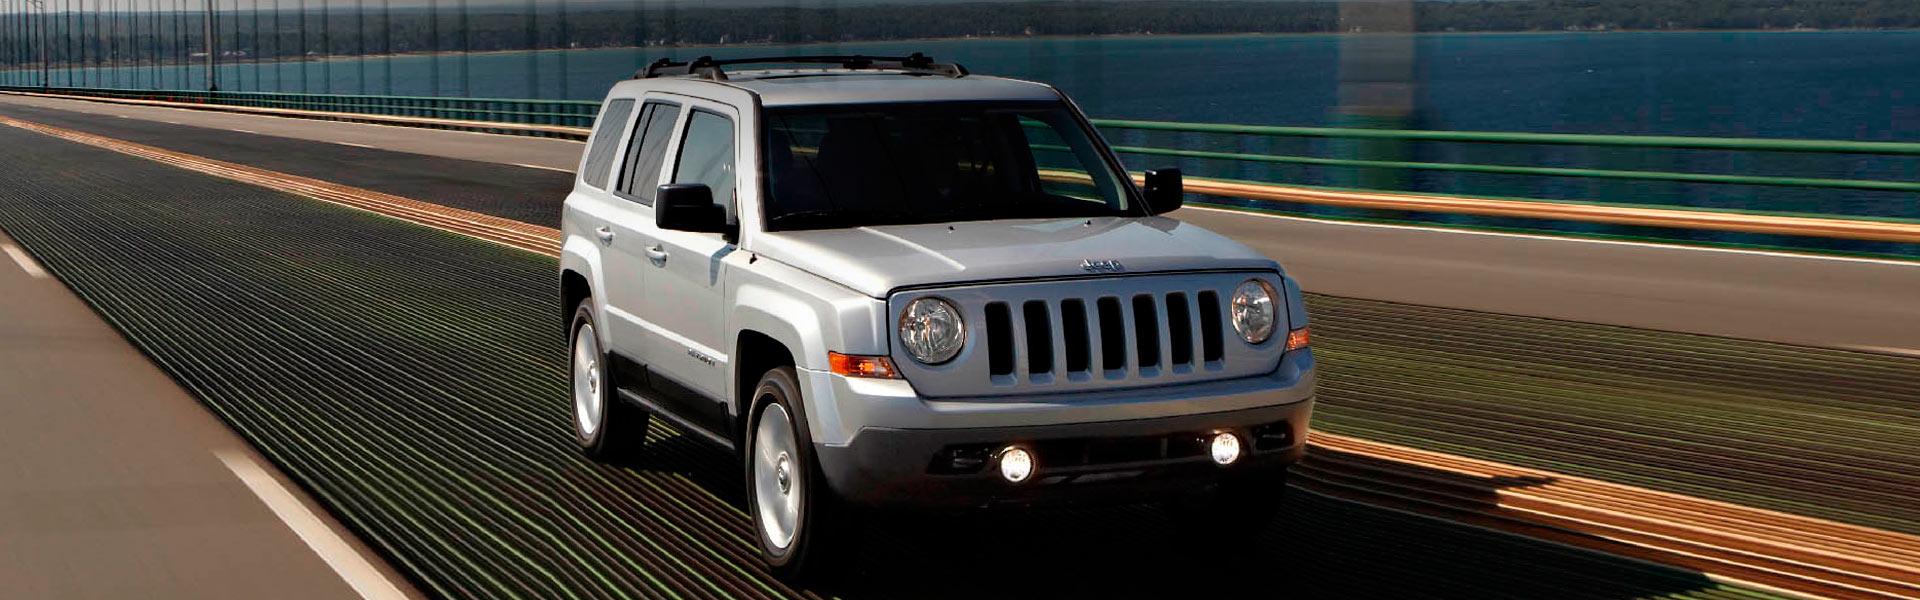 Запчасти на Jeep Liberty Patriot